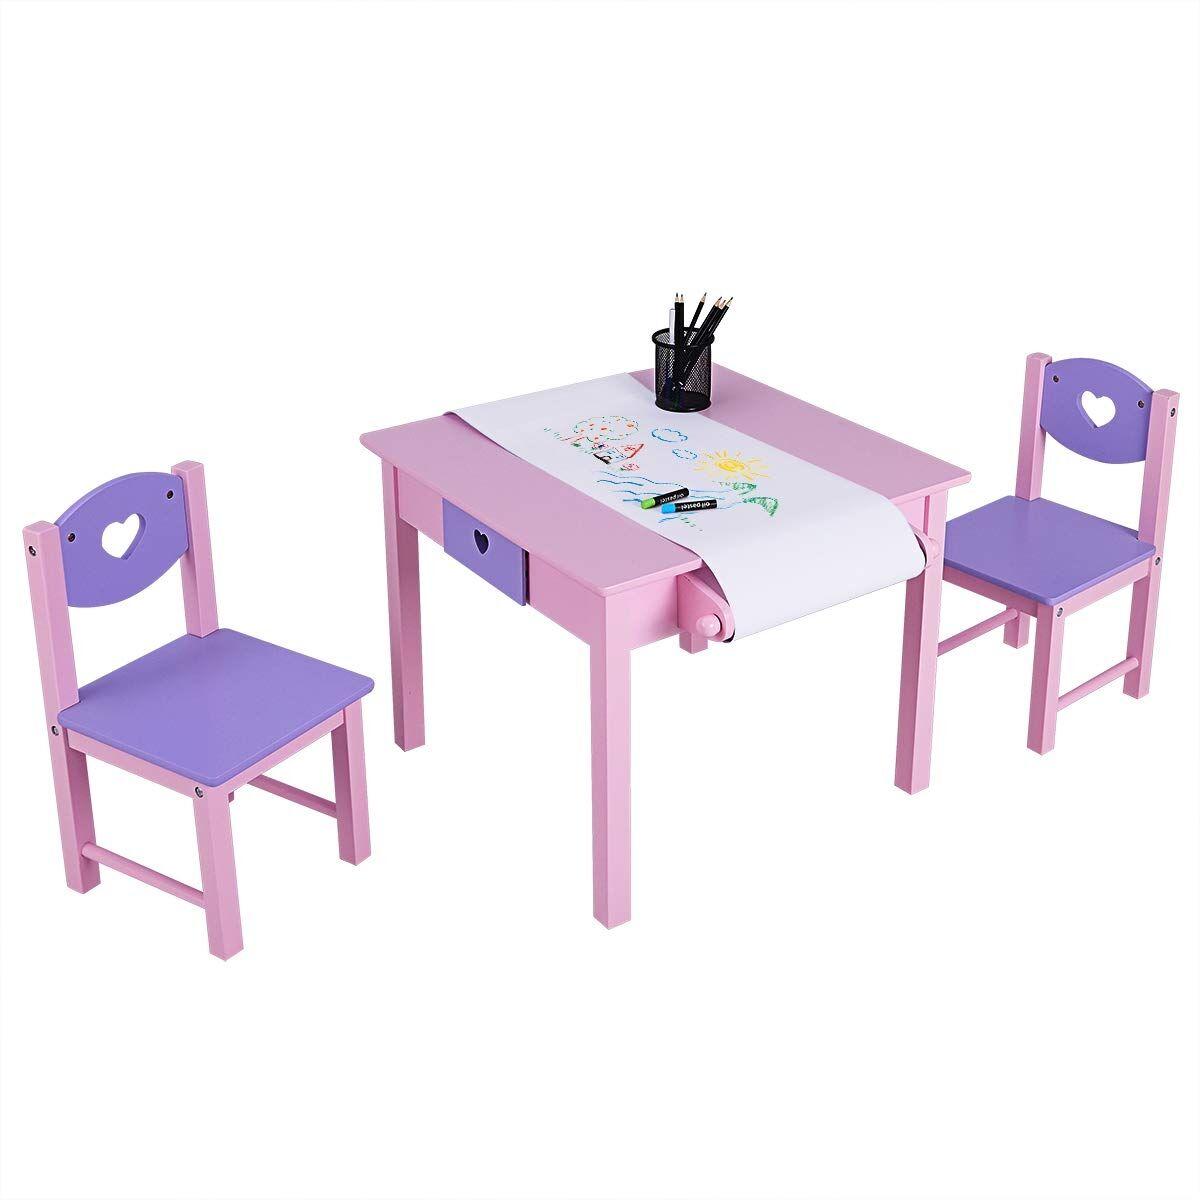 Costway Juego de Mesa y 2 Sillas Infantil Escritorio con 2 Cajones Mueble de Madera Rosa y Púrpura